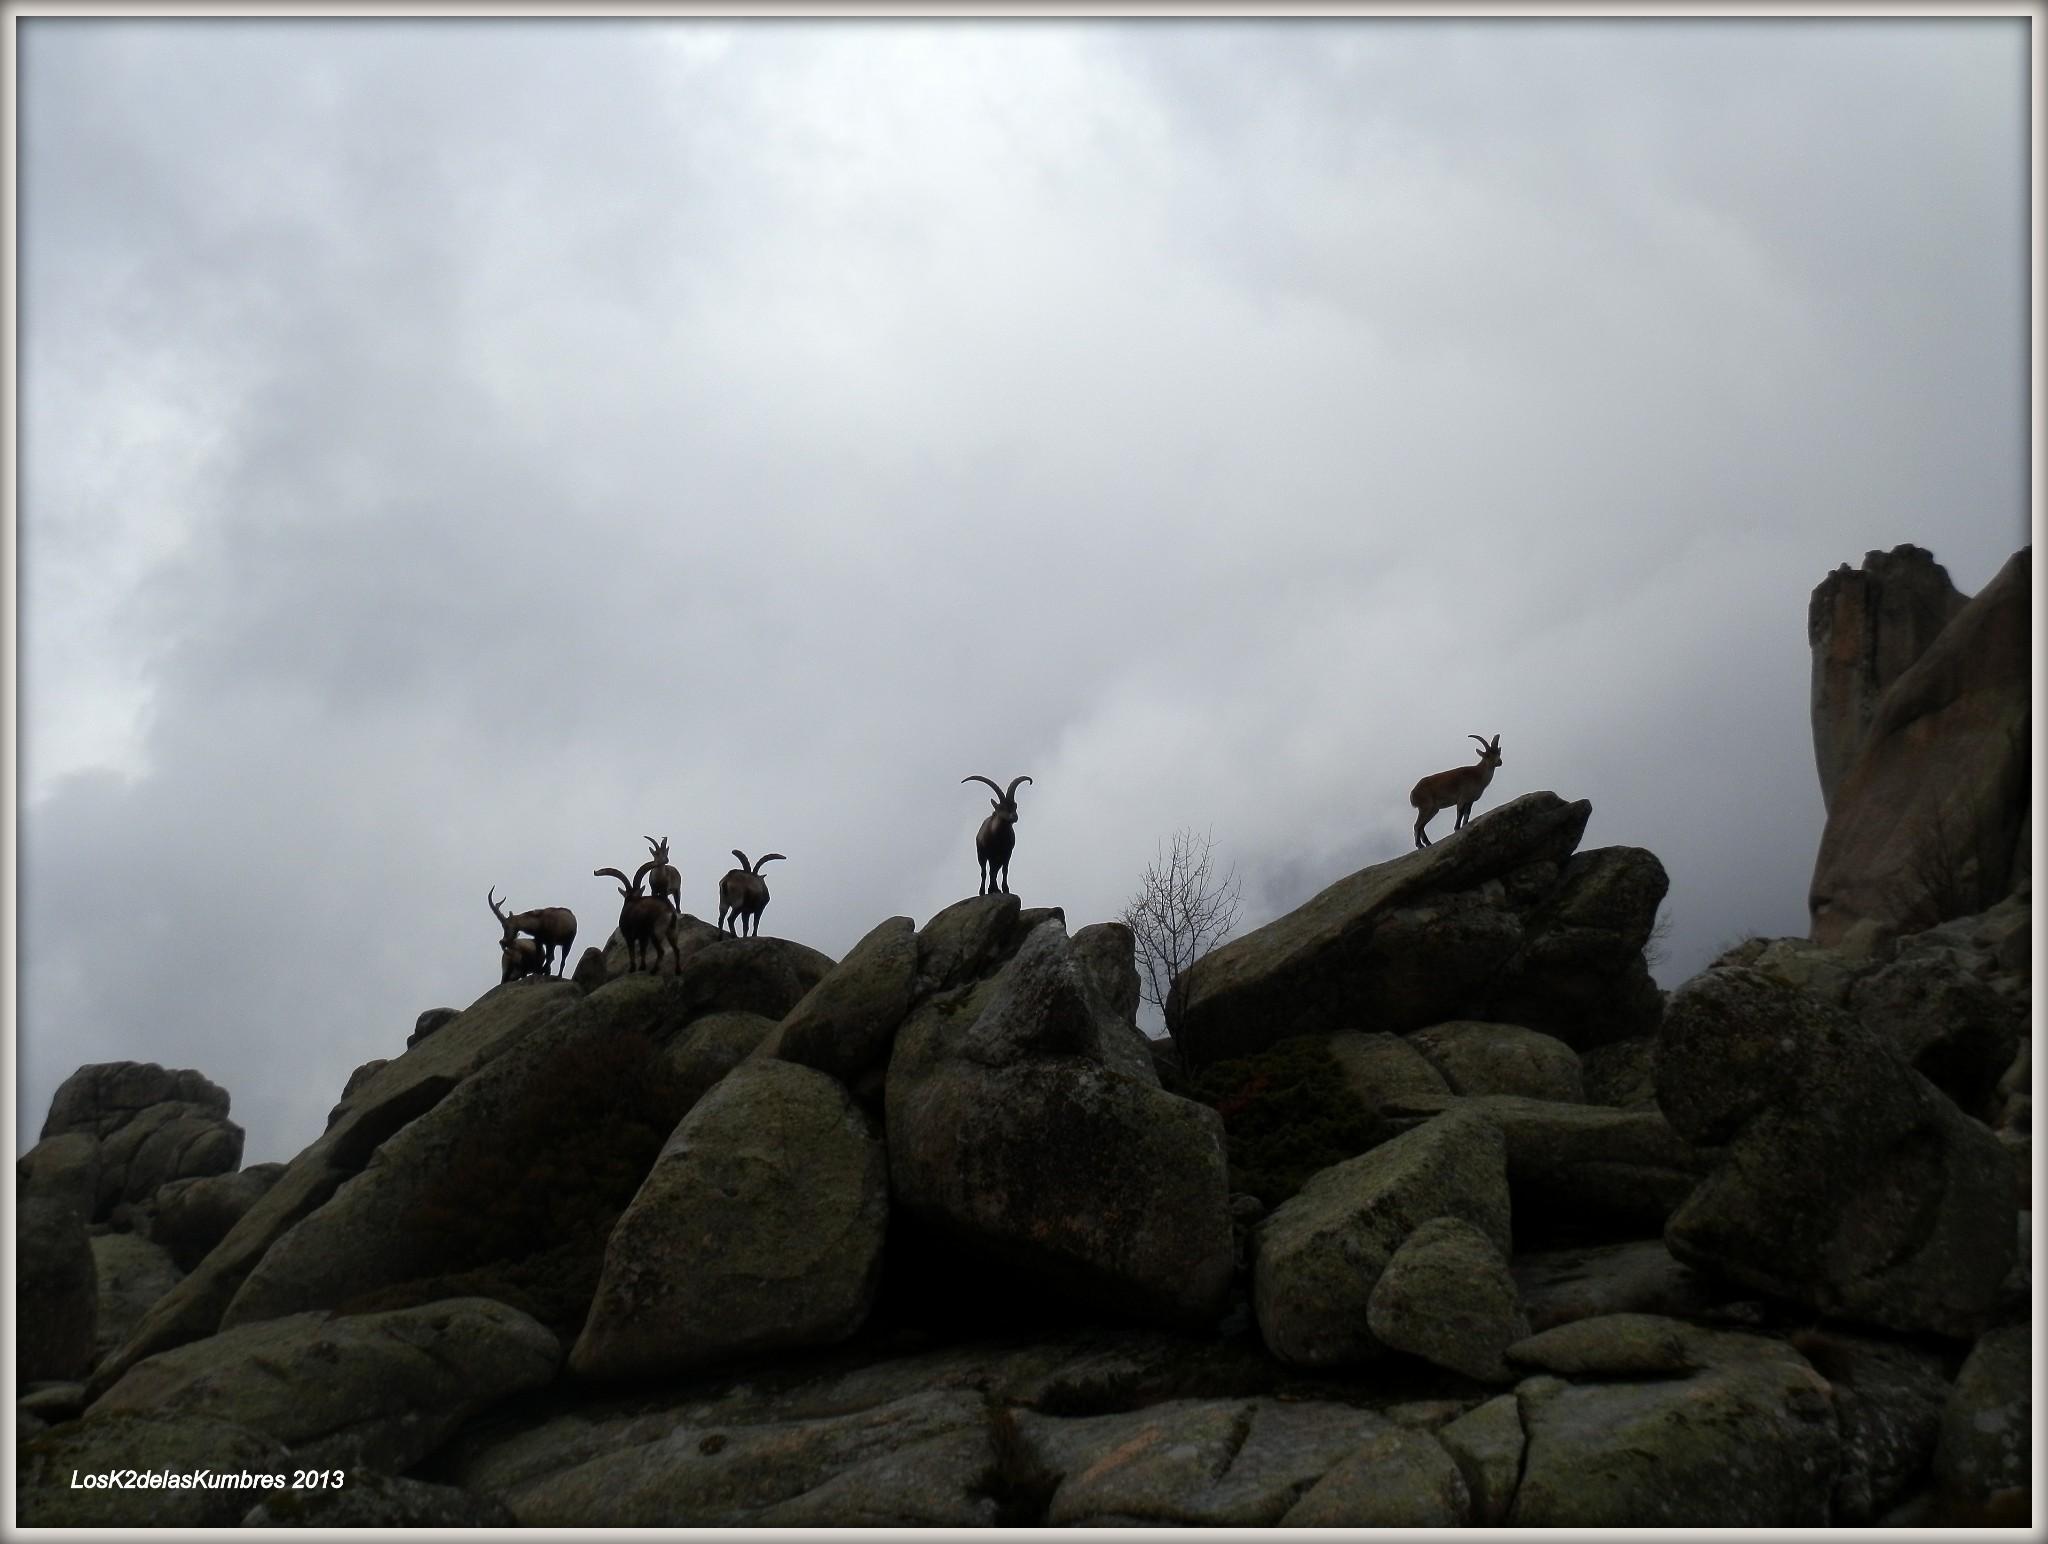 cabras montesas en la base del Yelmo, Rutas por la pedriza